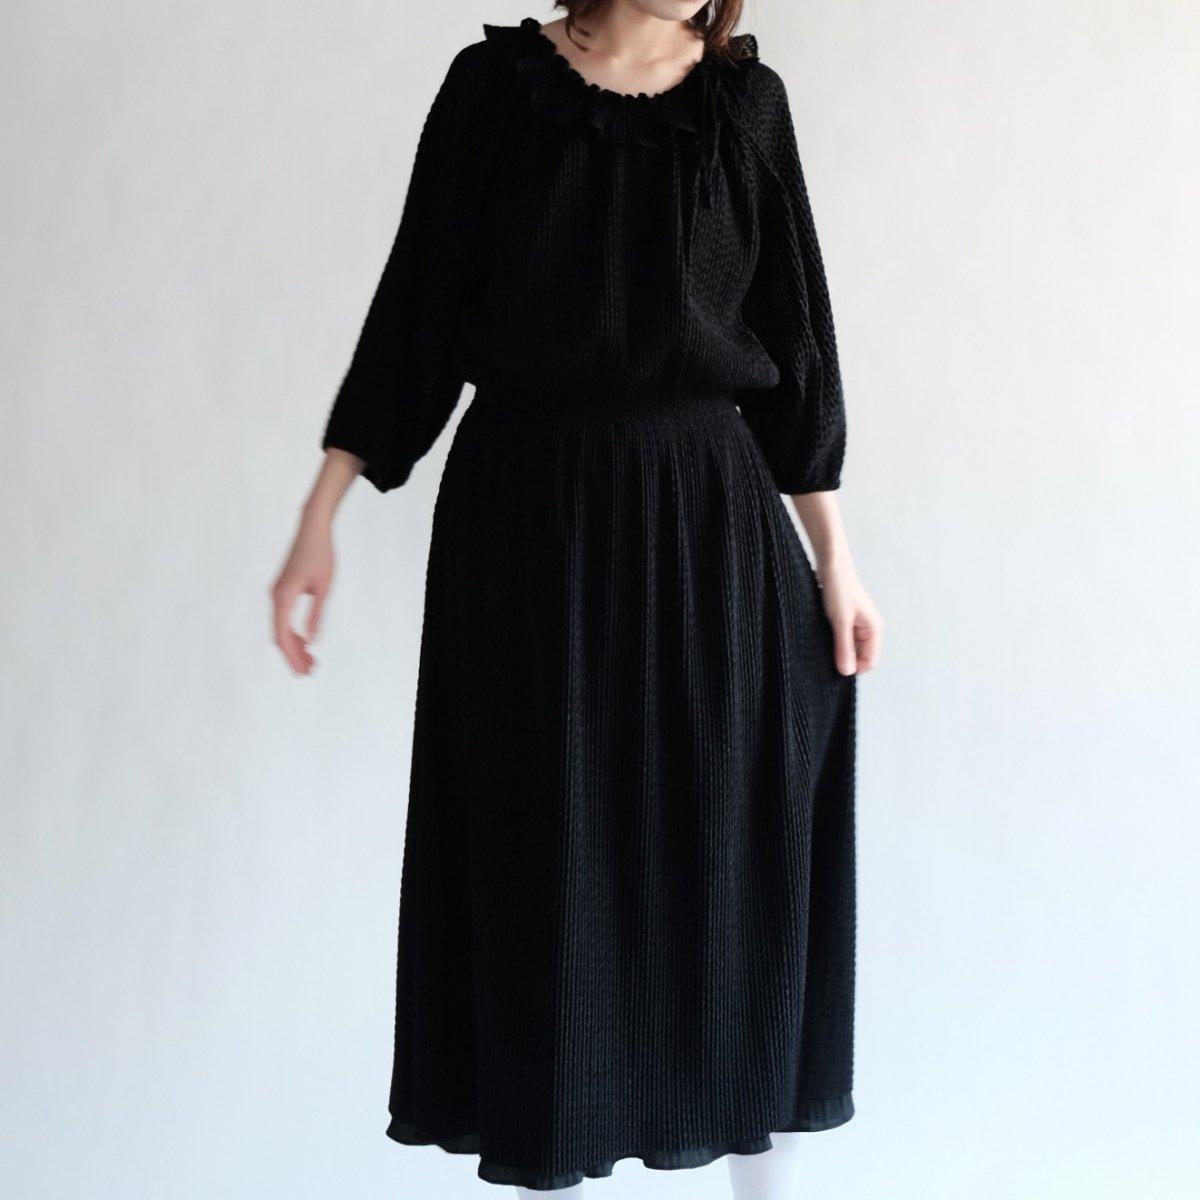 [VINTAGE] Black Sheer Zig-zag Dress